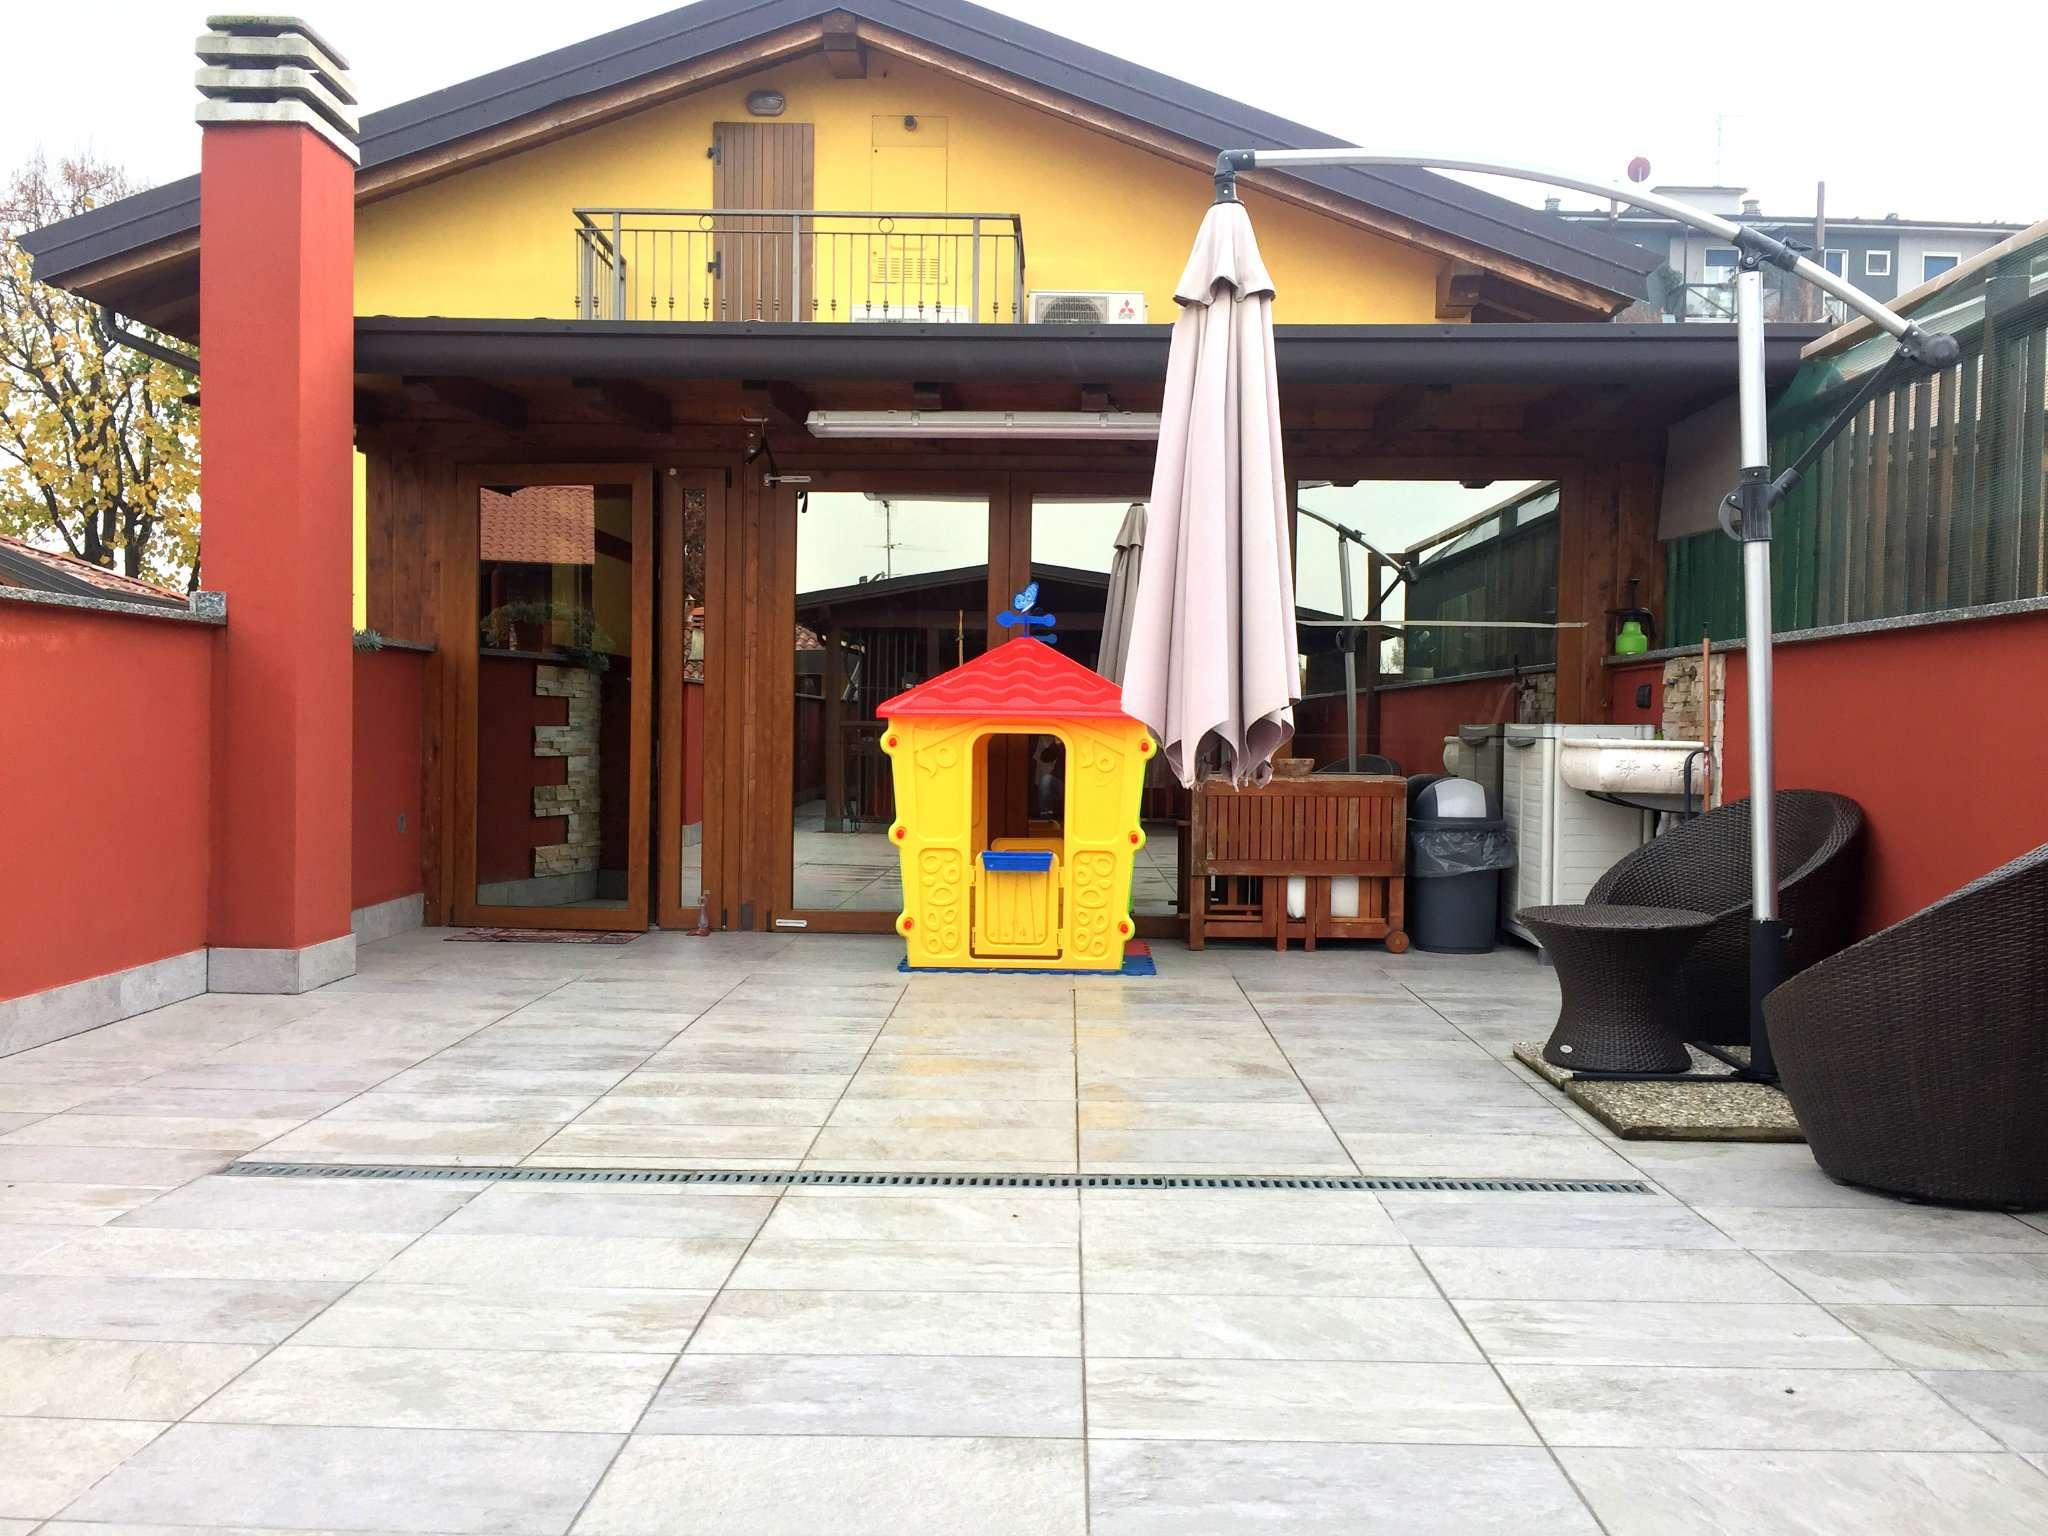 Attico / Mansarda in vendita a Gorgonzola, 4 locali, prezzo € 330.000 | CambioCasa.it